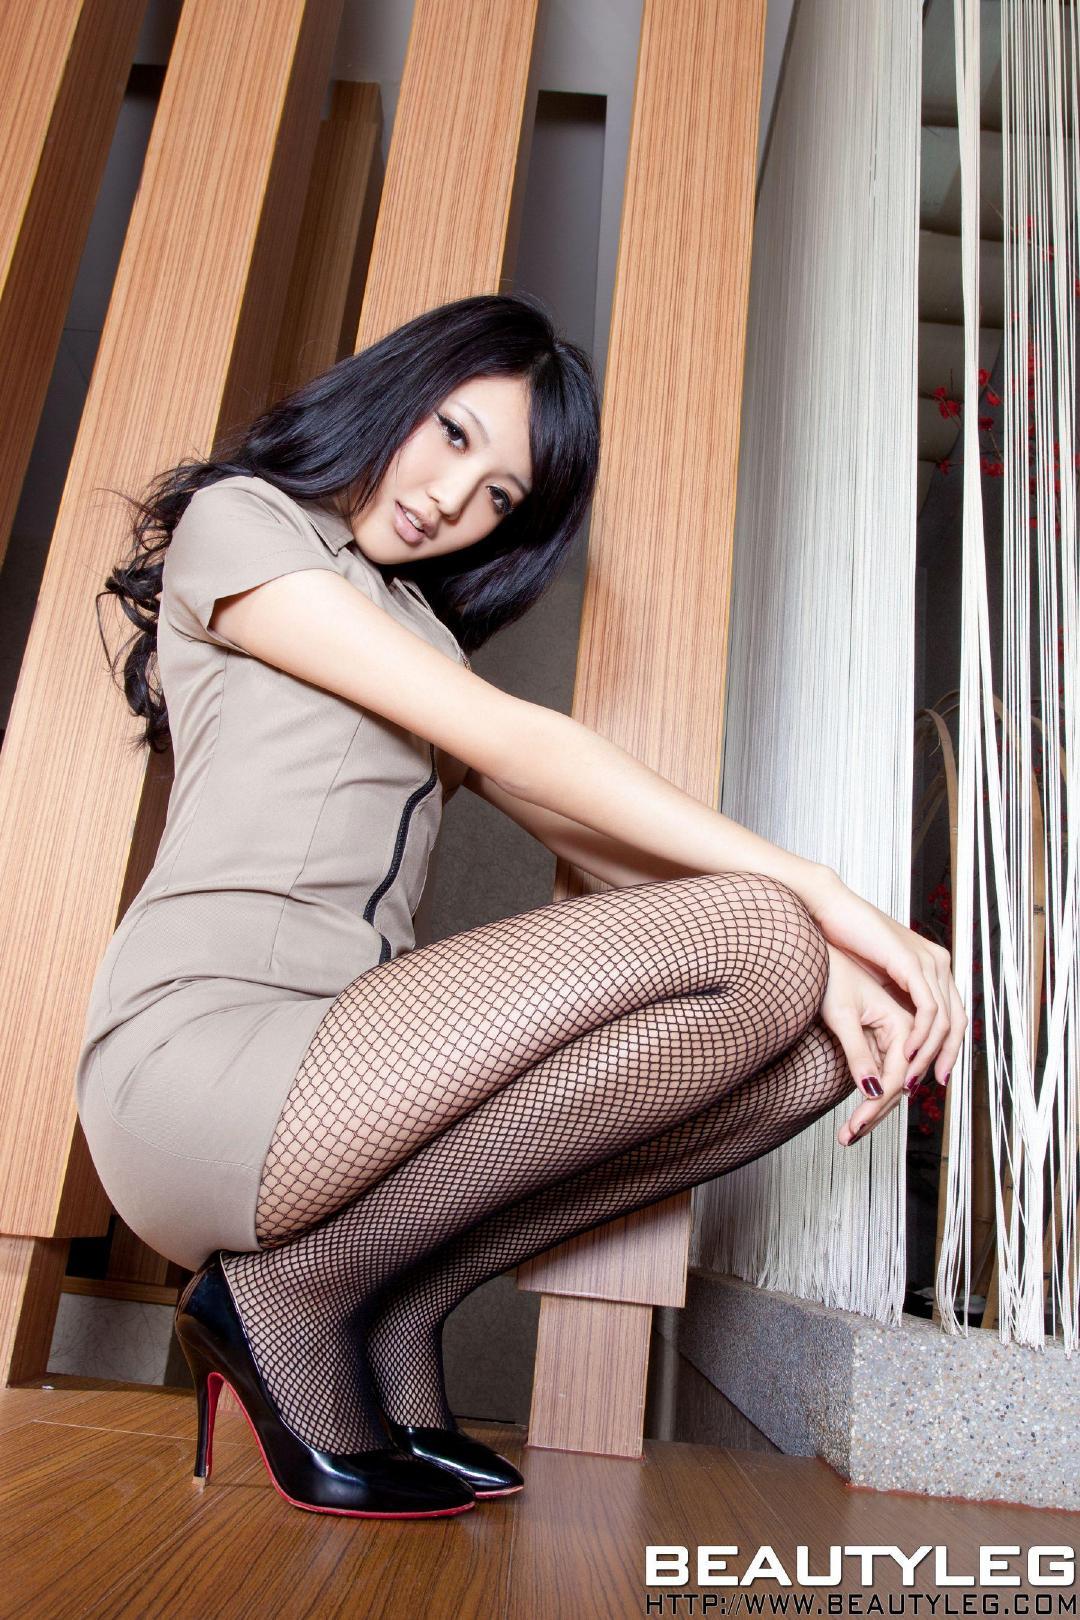 美腿销魂美女禁区女性大胆展隐私图片